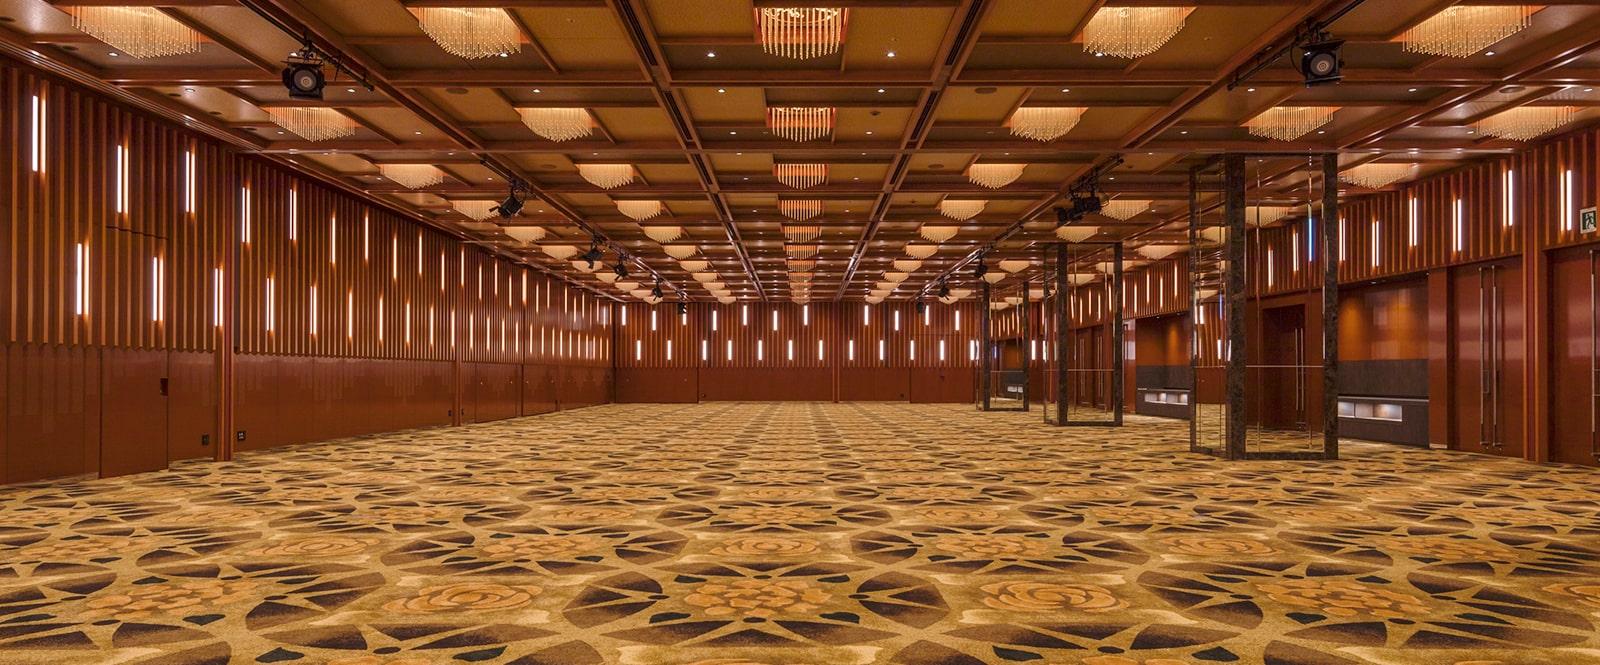 アパホテル&リゾート 横浜ベイタワー